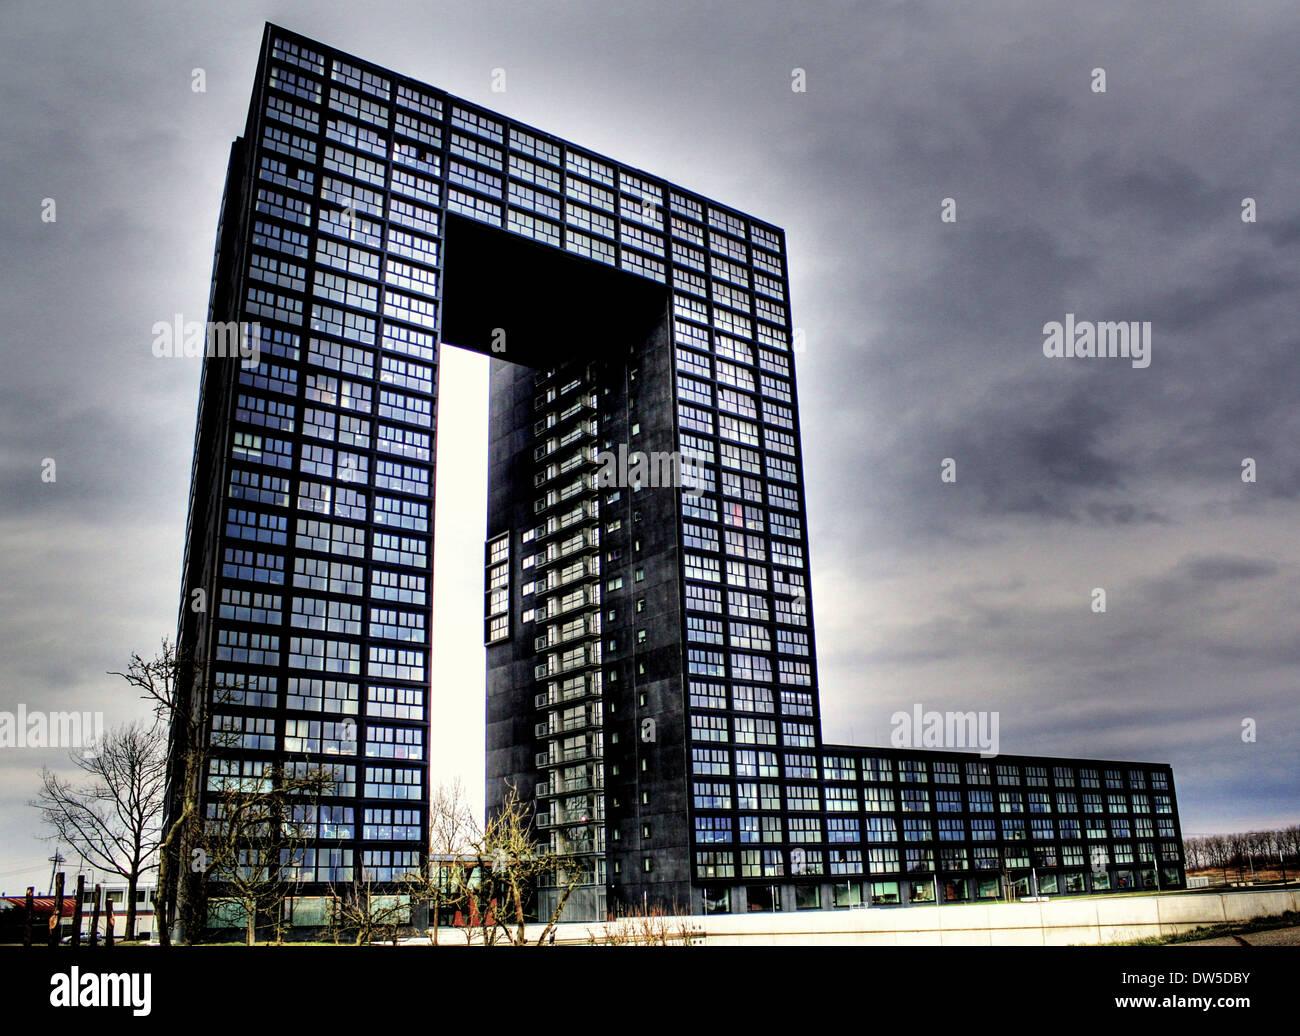 Moderne architektur tasmantoren groningen niederlande - Architektur moderne ...